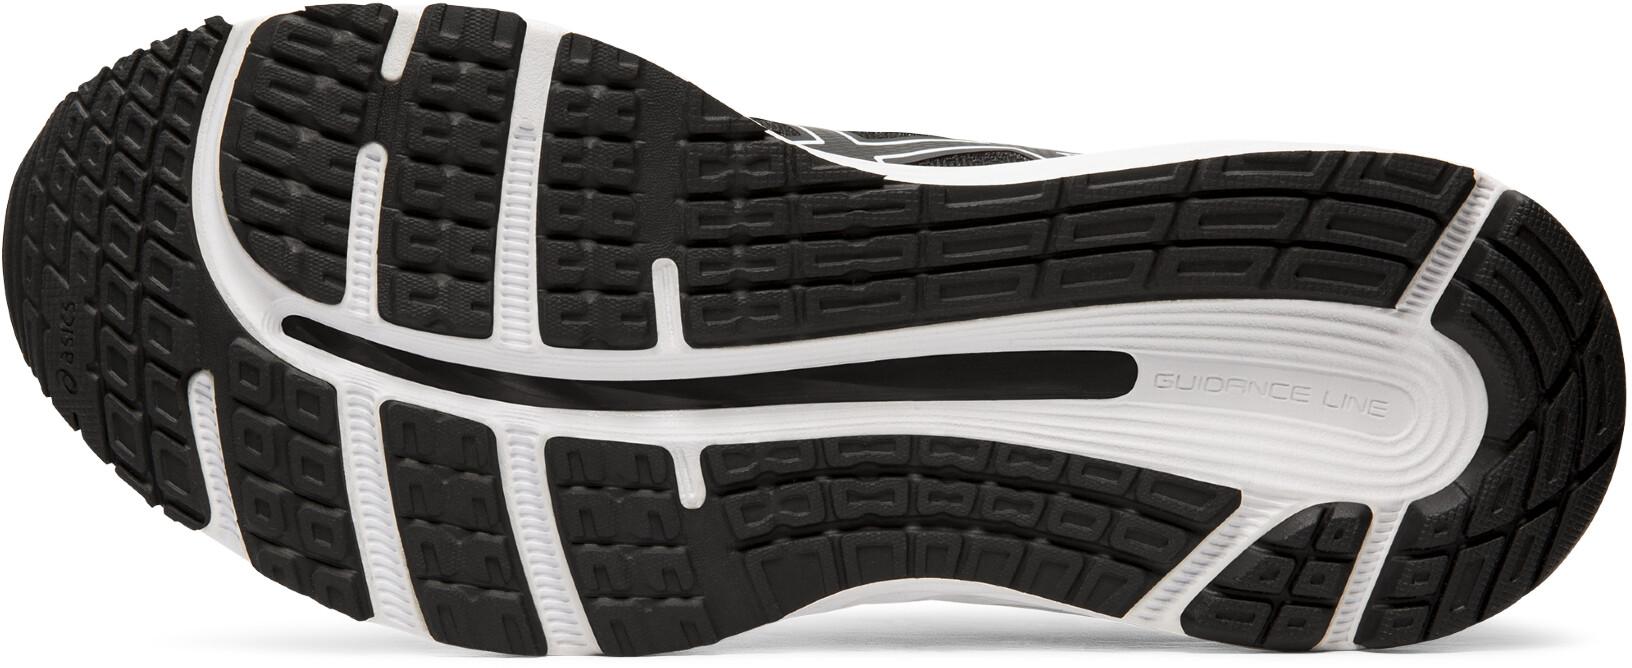 e2c7c25bee2 asics Gel-Cumulus 21 Shoes Men, black/white l Online outdoor shop ...